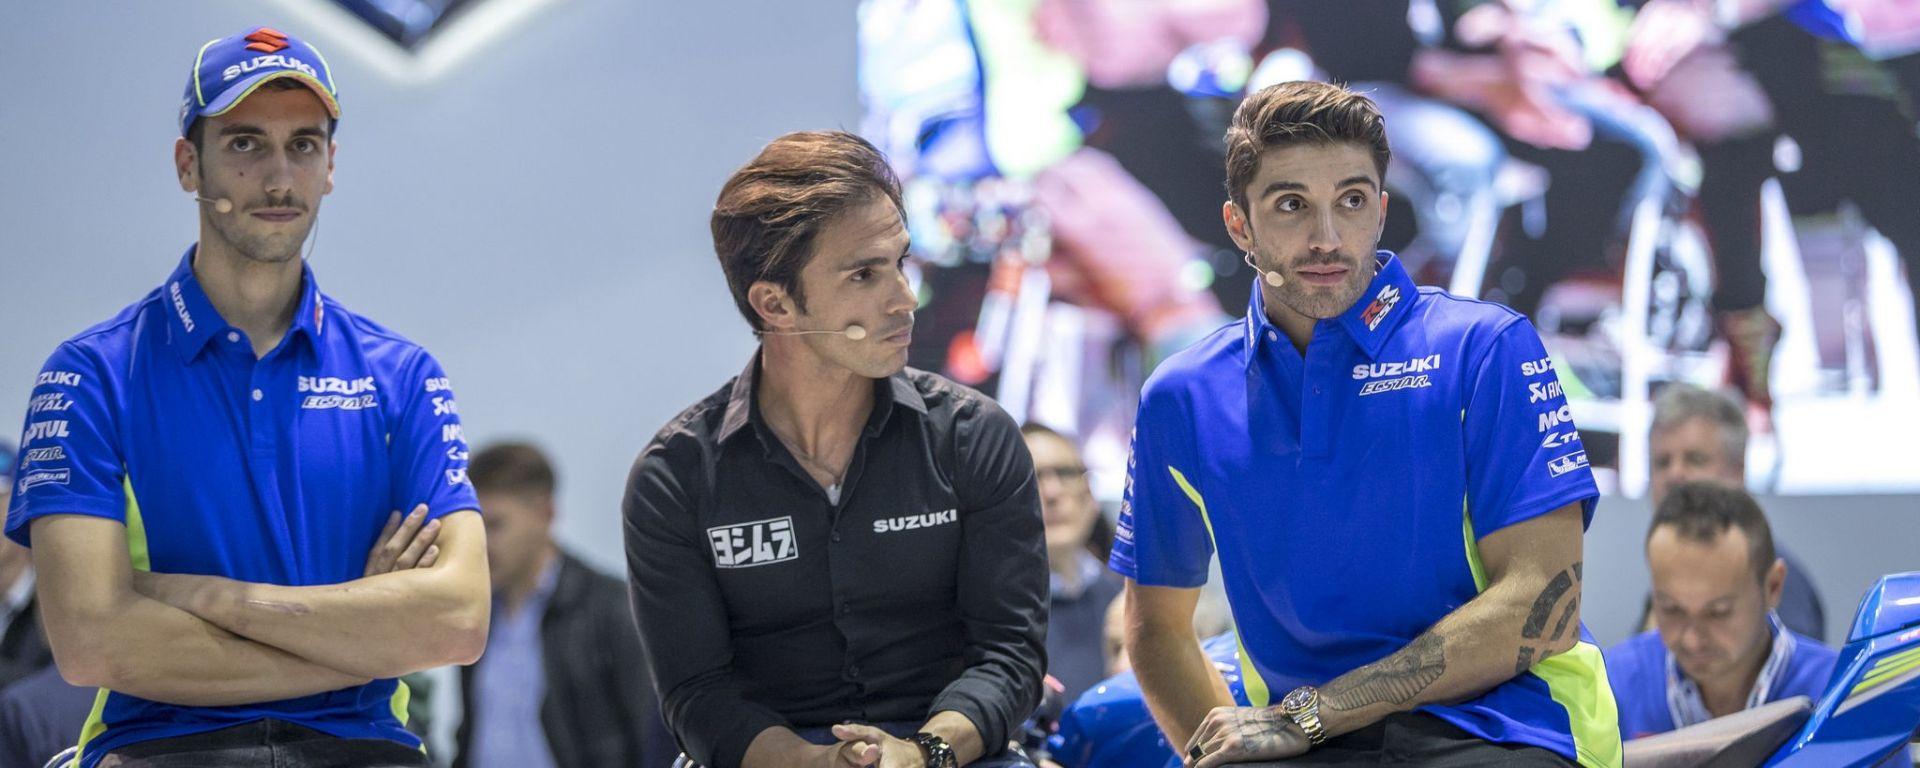 Suzuki: a tu per tu con Andrea Iannone, Alex Rins e Toni Elias!